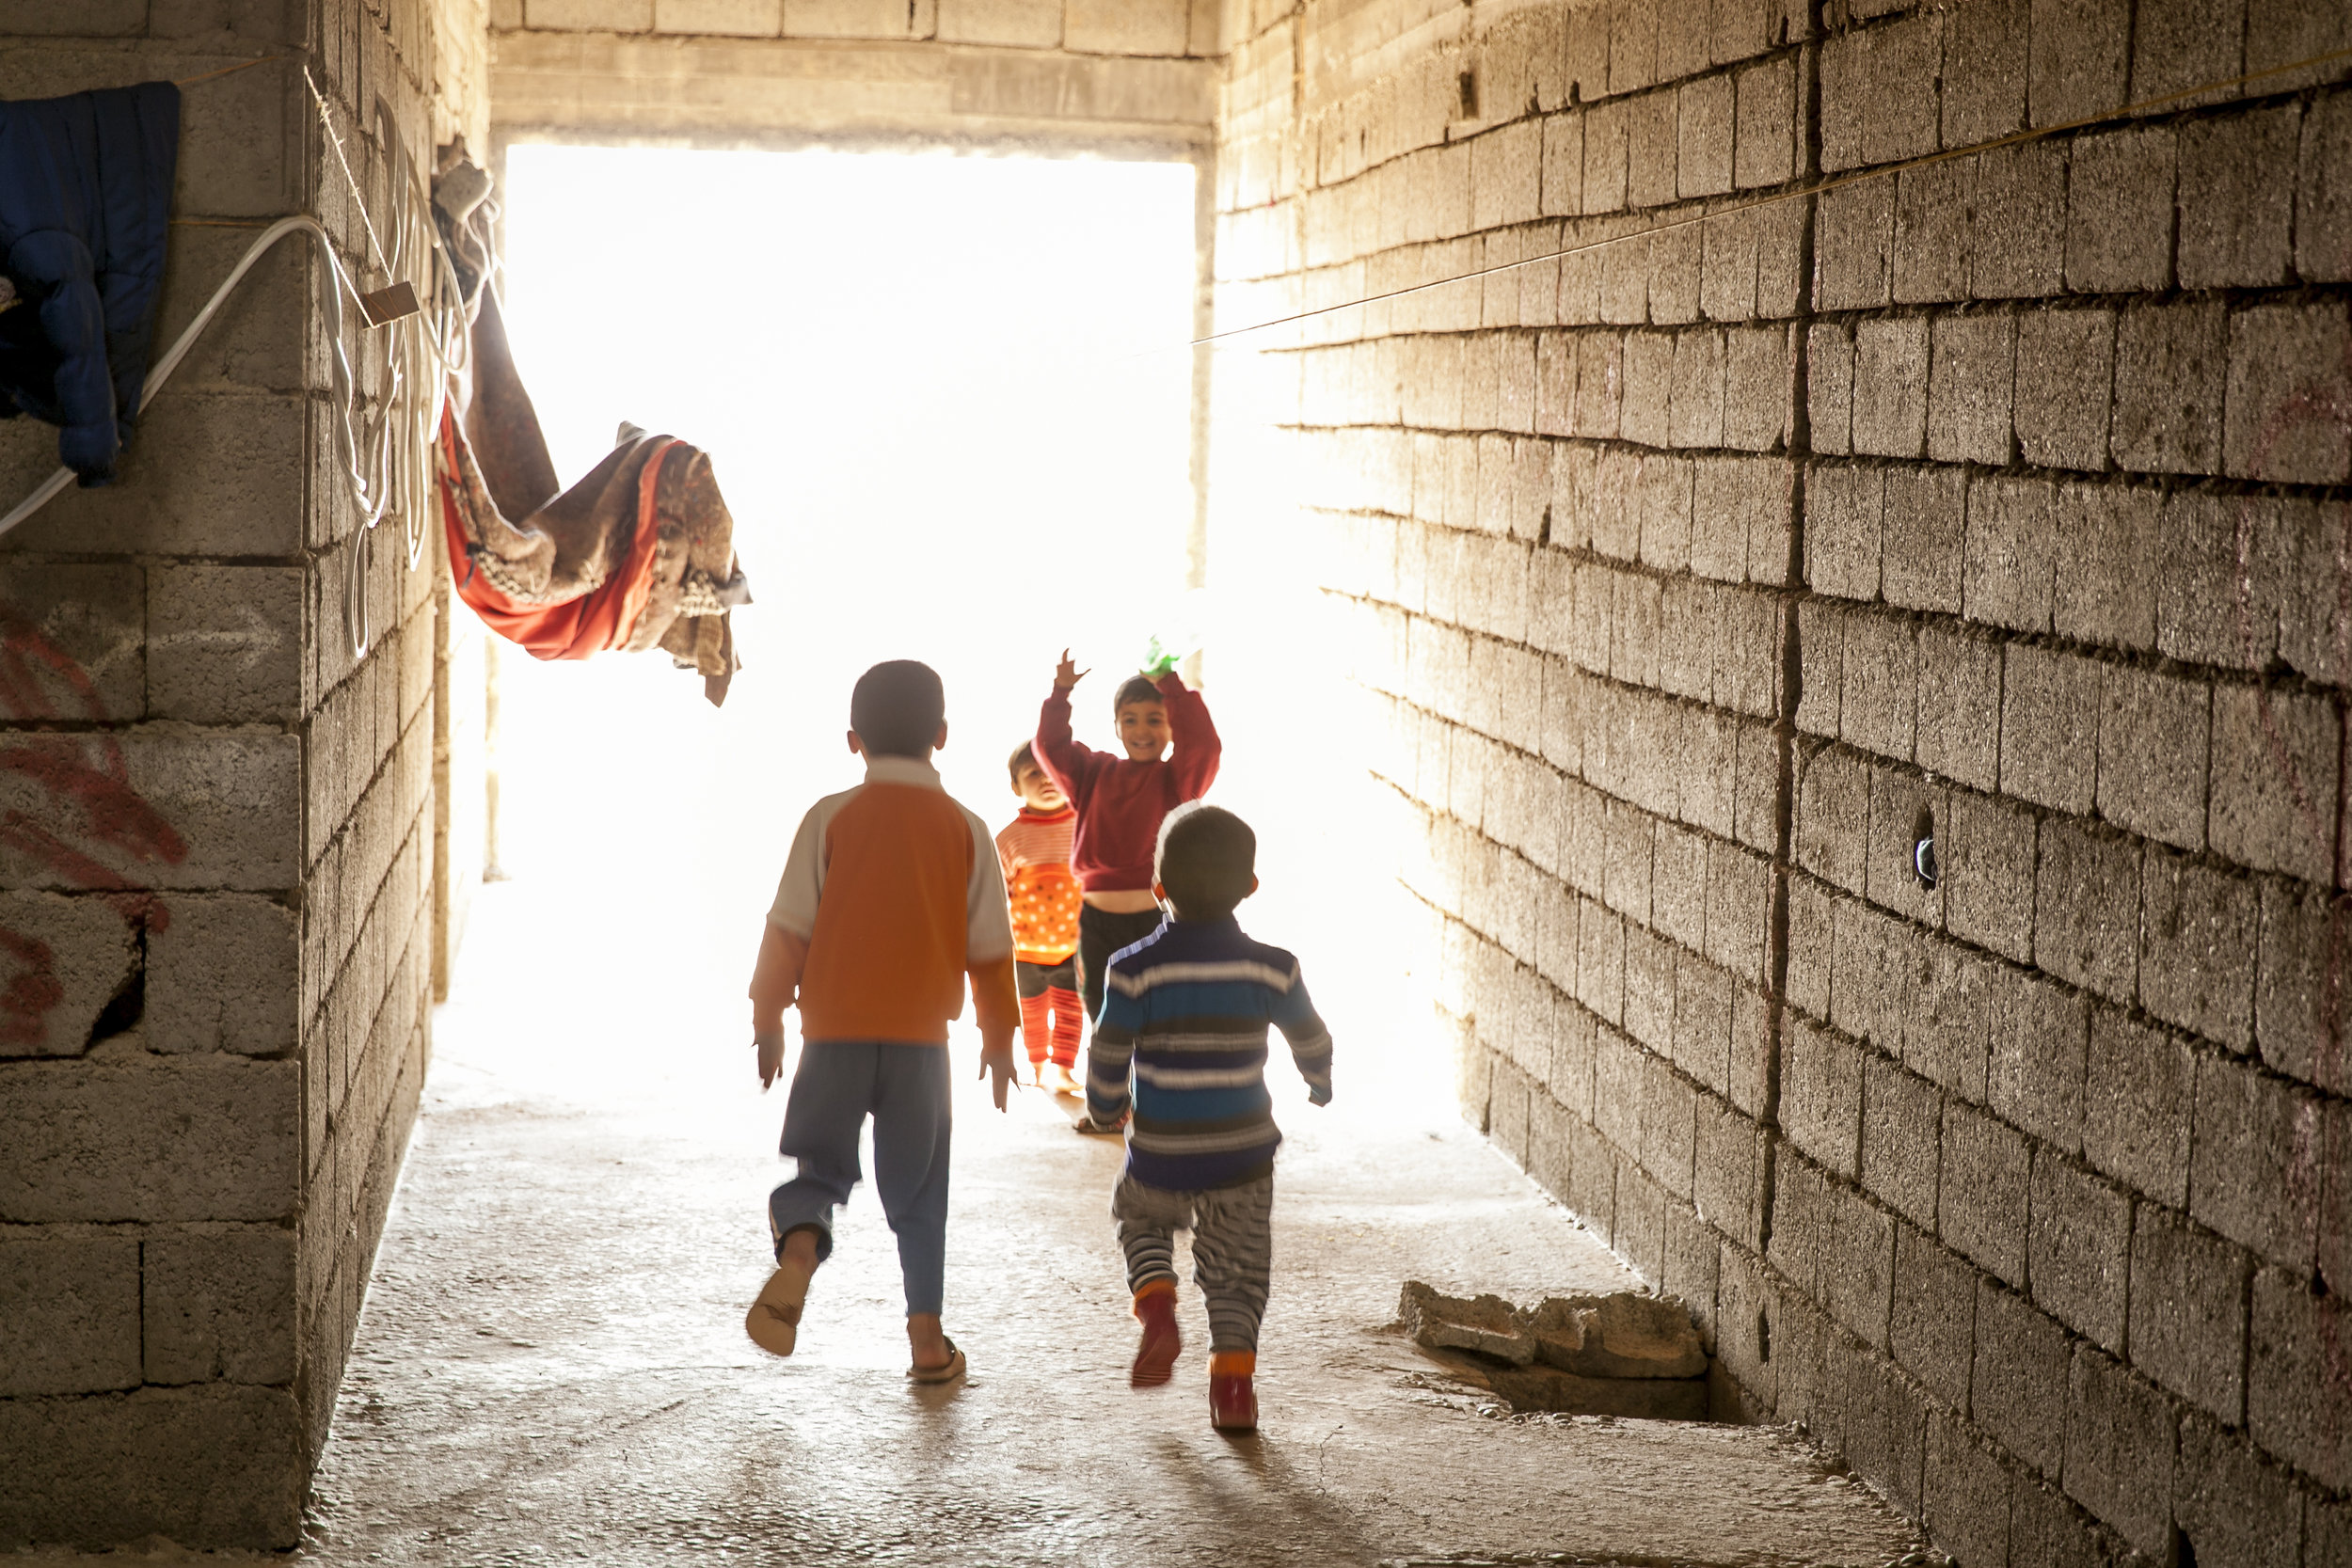 20141205_Refugee_GH_0405.jpg